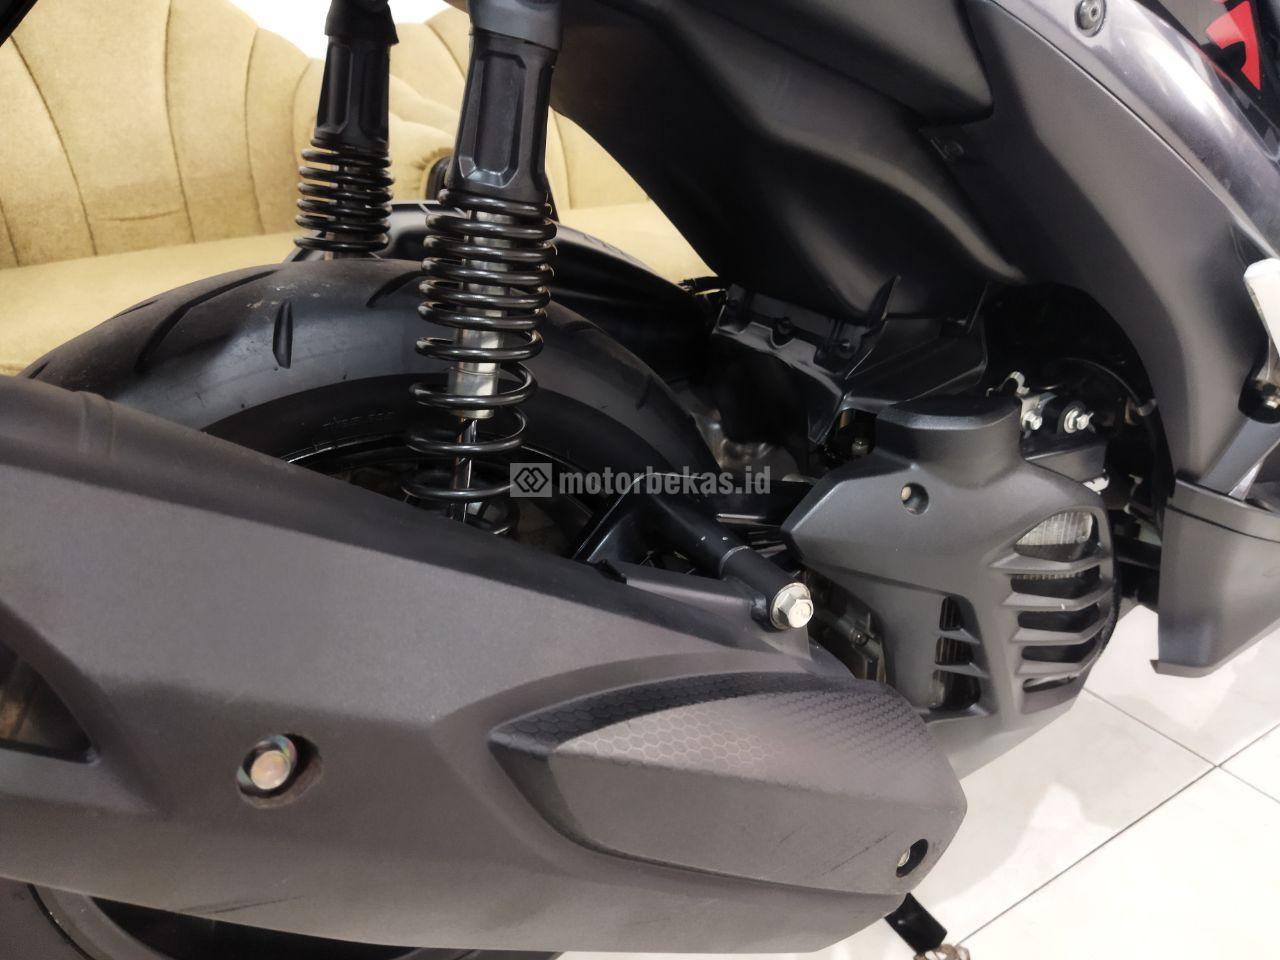 YAMAHA AEROX 155  2149 motorbekas.id